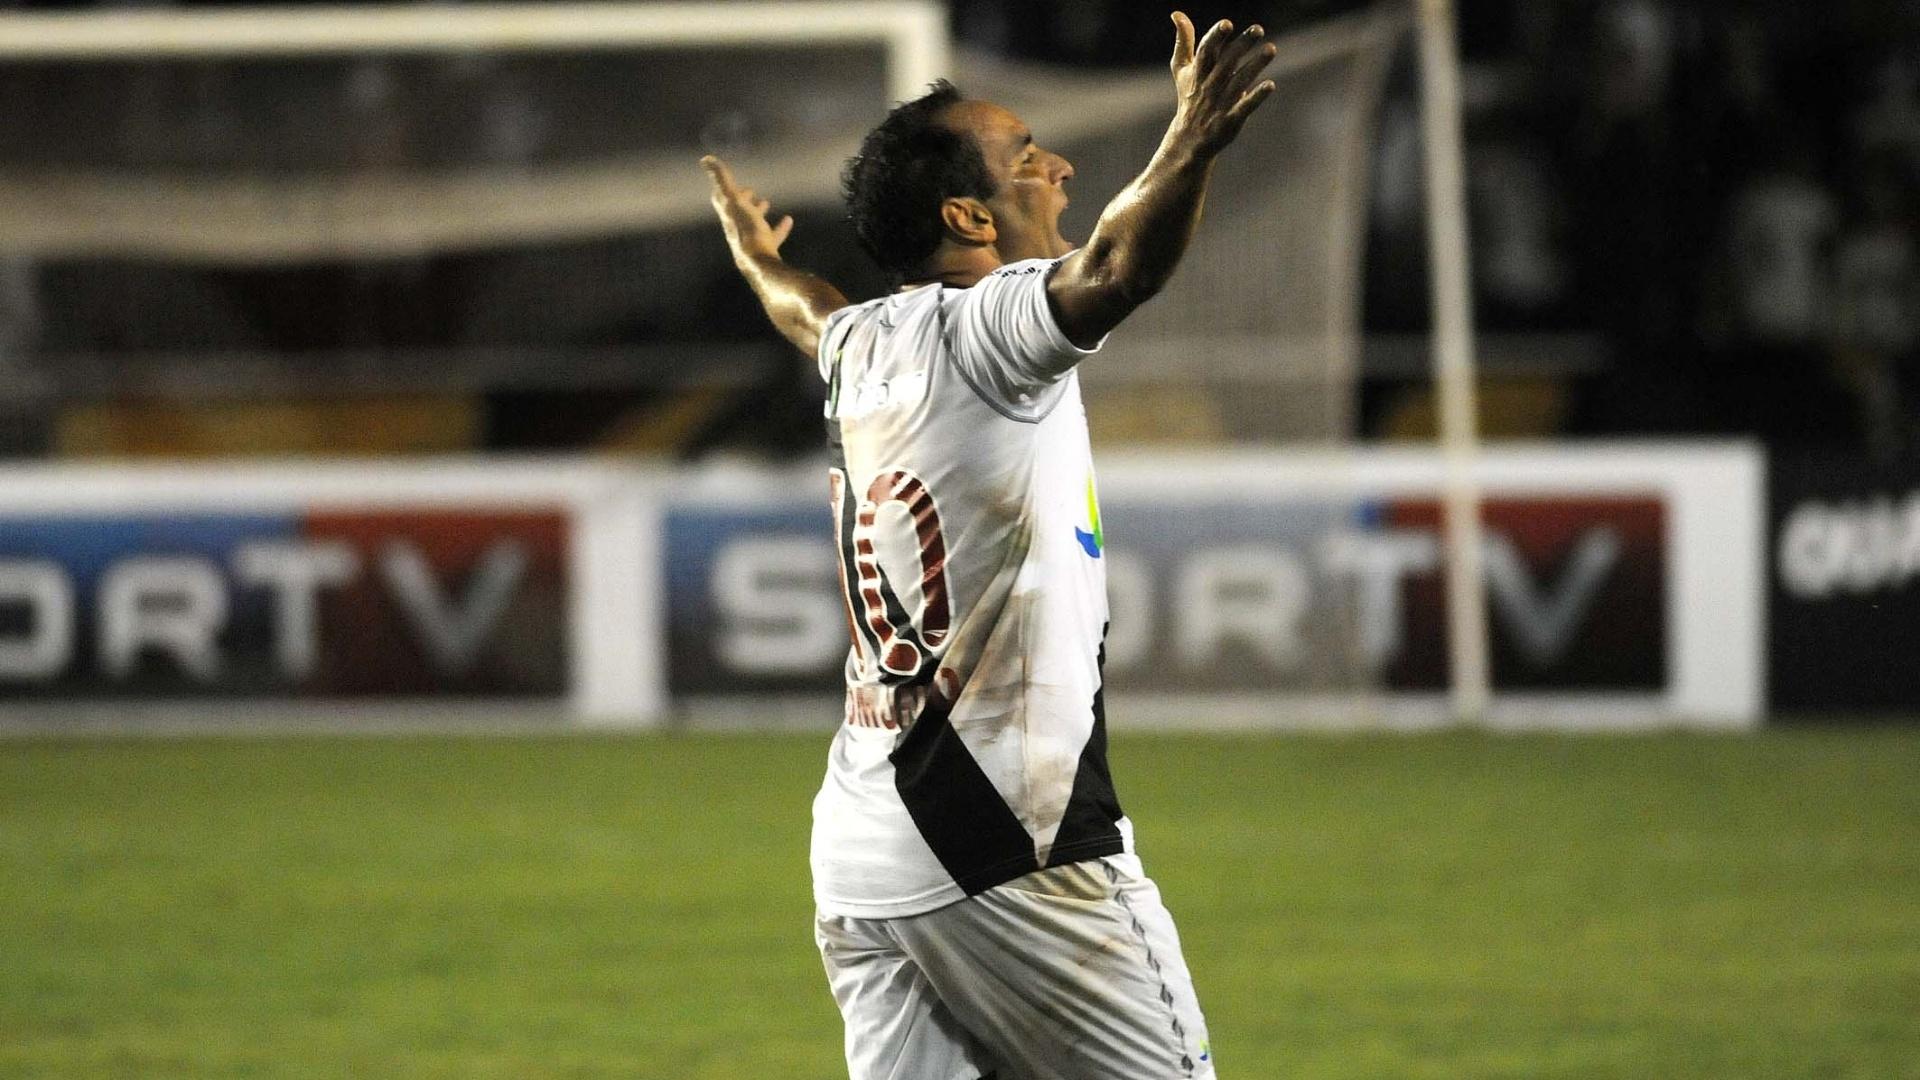 Edmundo comemora depois de marcar no jogo de despedida pelo Vasco, contra o Barcelona (EQU), em São Januário